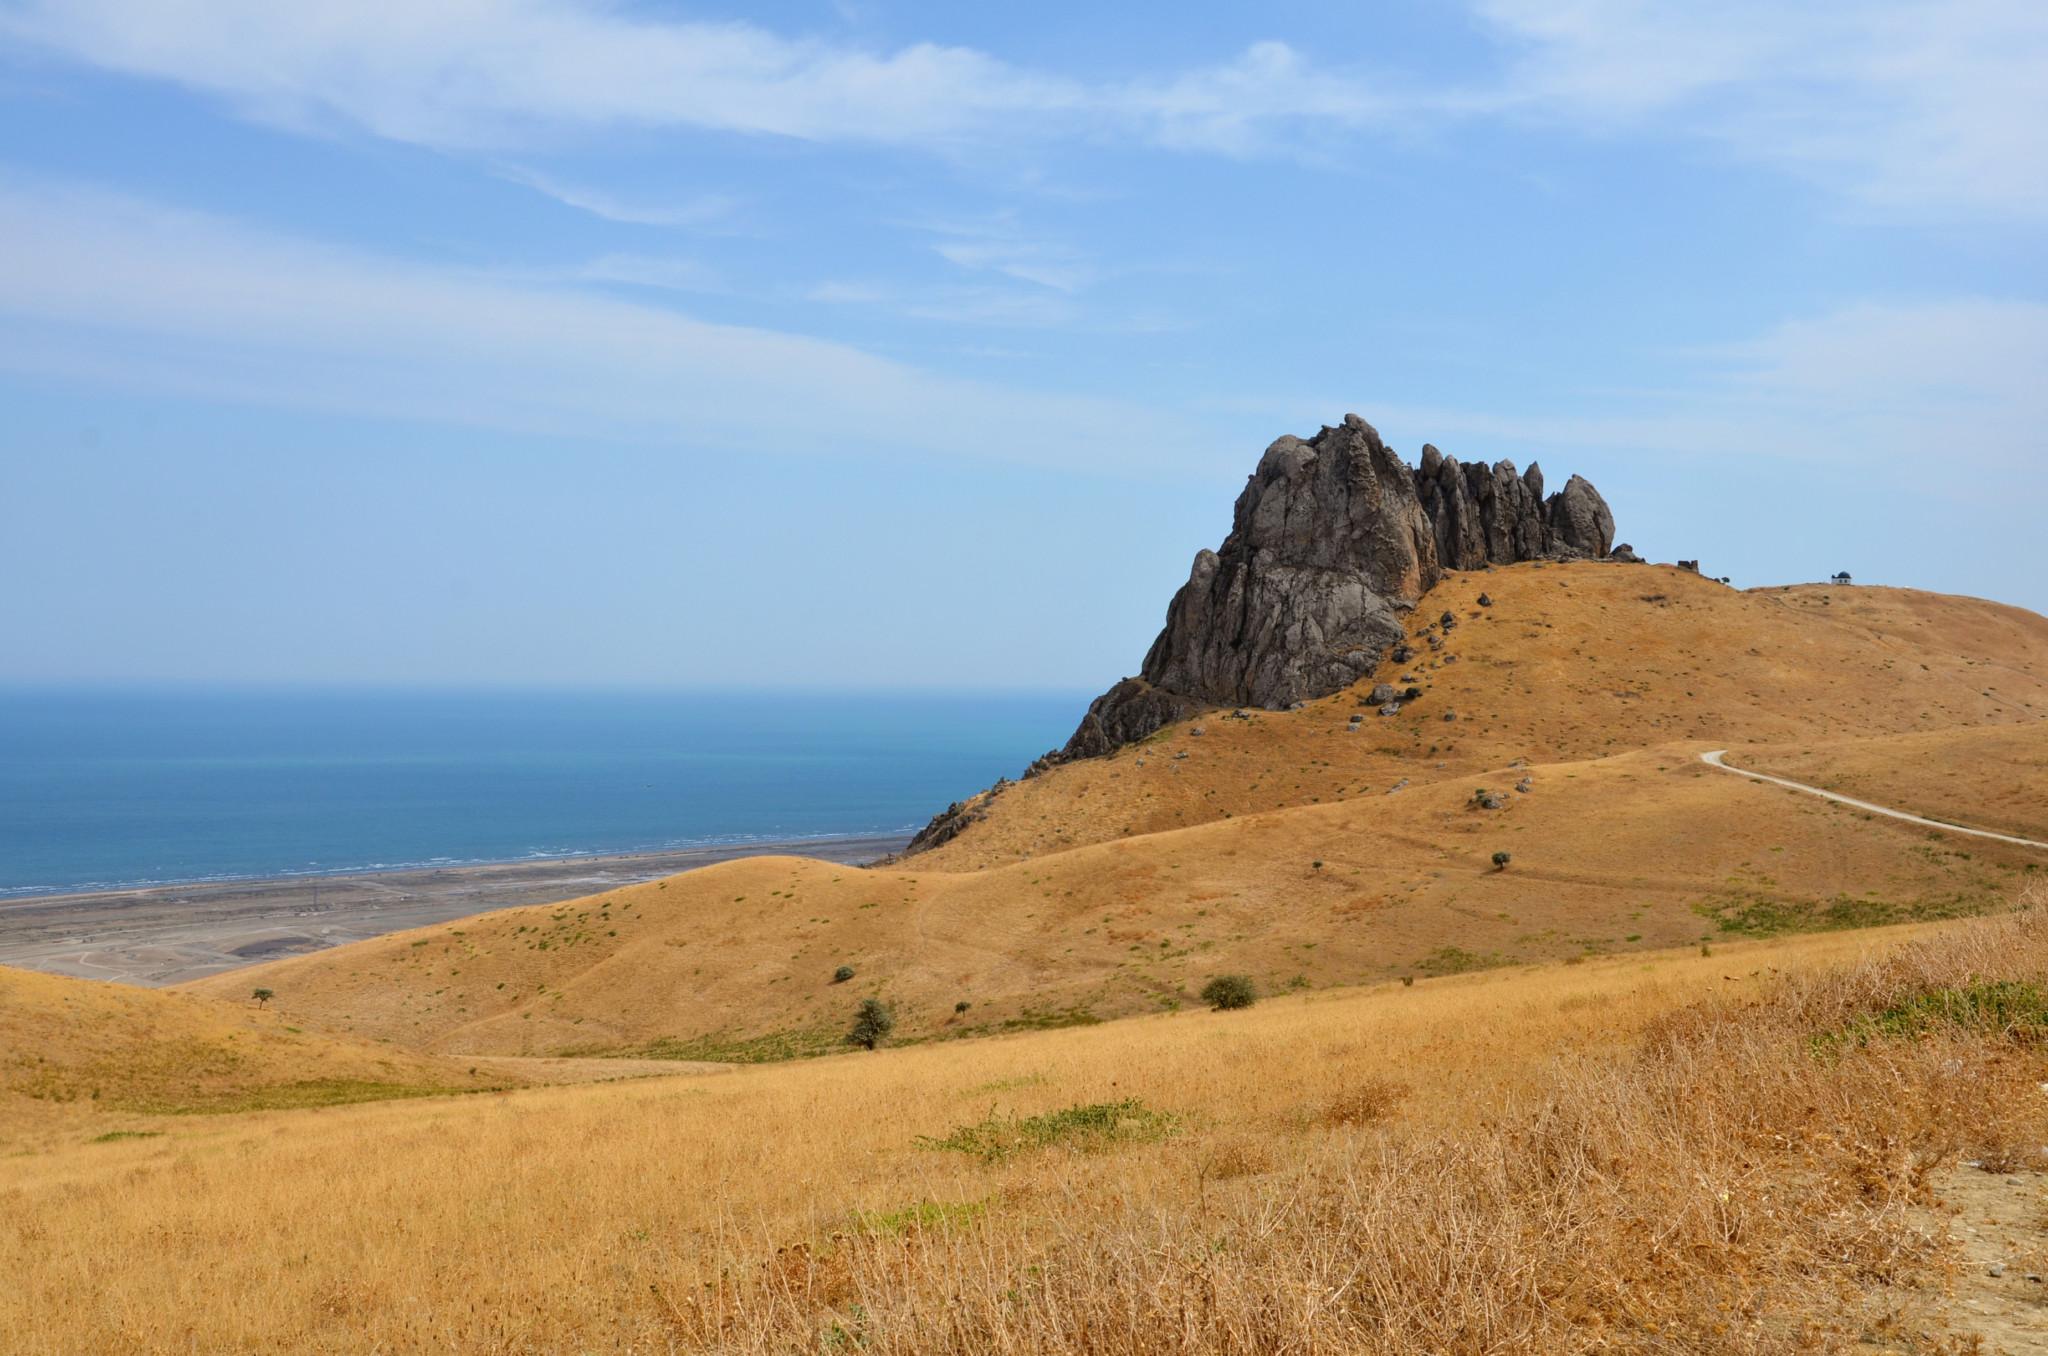 Zu den Aserbaidschan Sehenswürdigkeiten gehört auch der Berg Besh Barmag